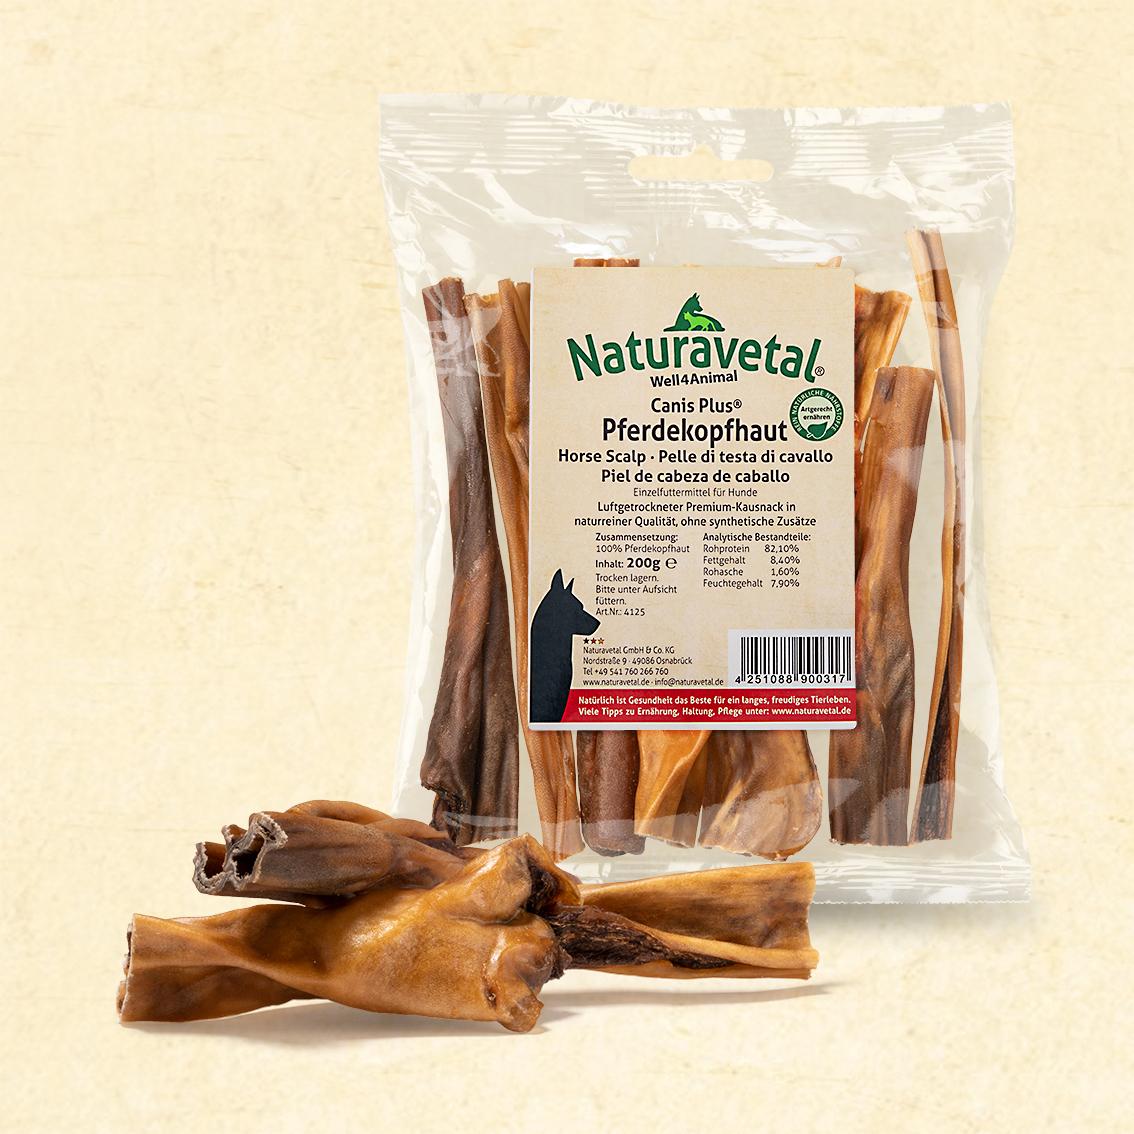 Naturavetal Canis Plus Pferdekopfhaut 10-15cm